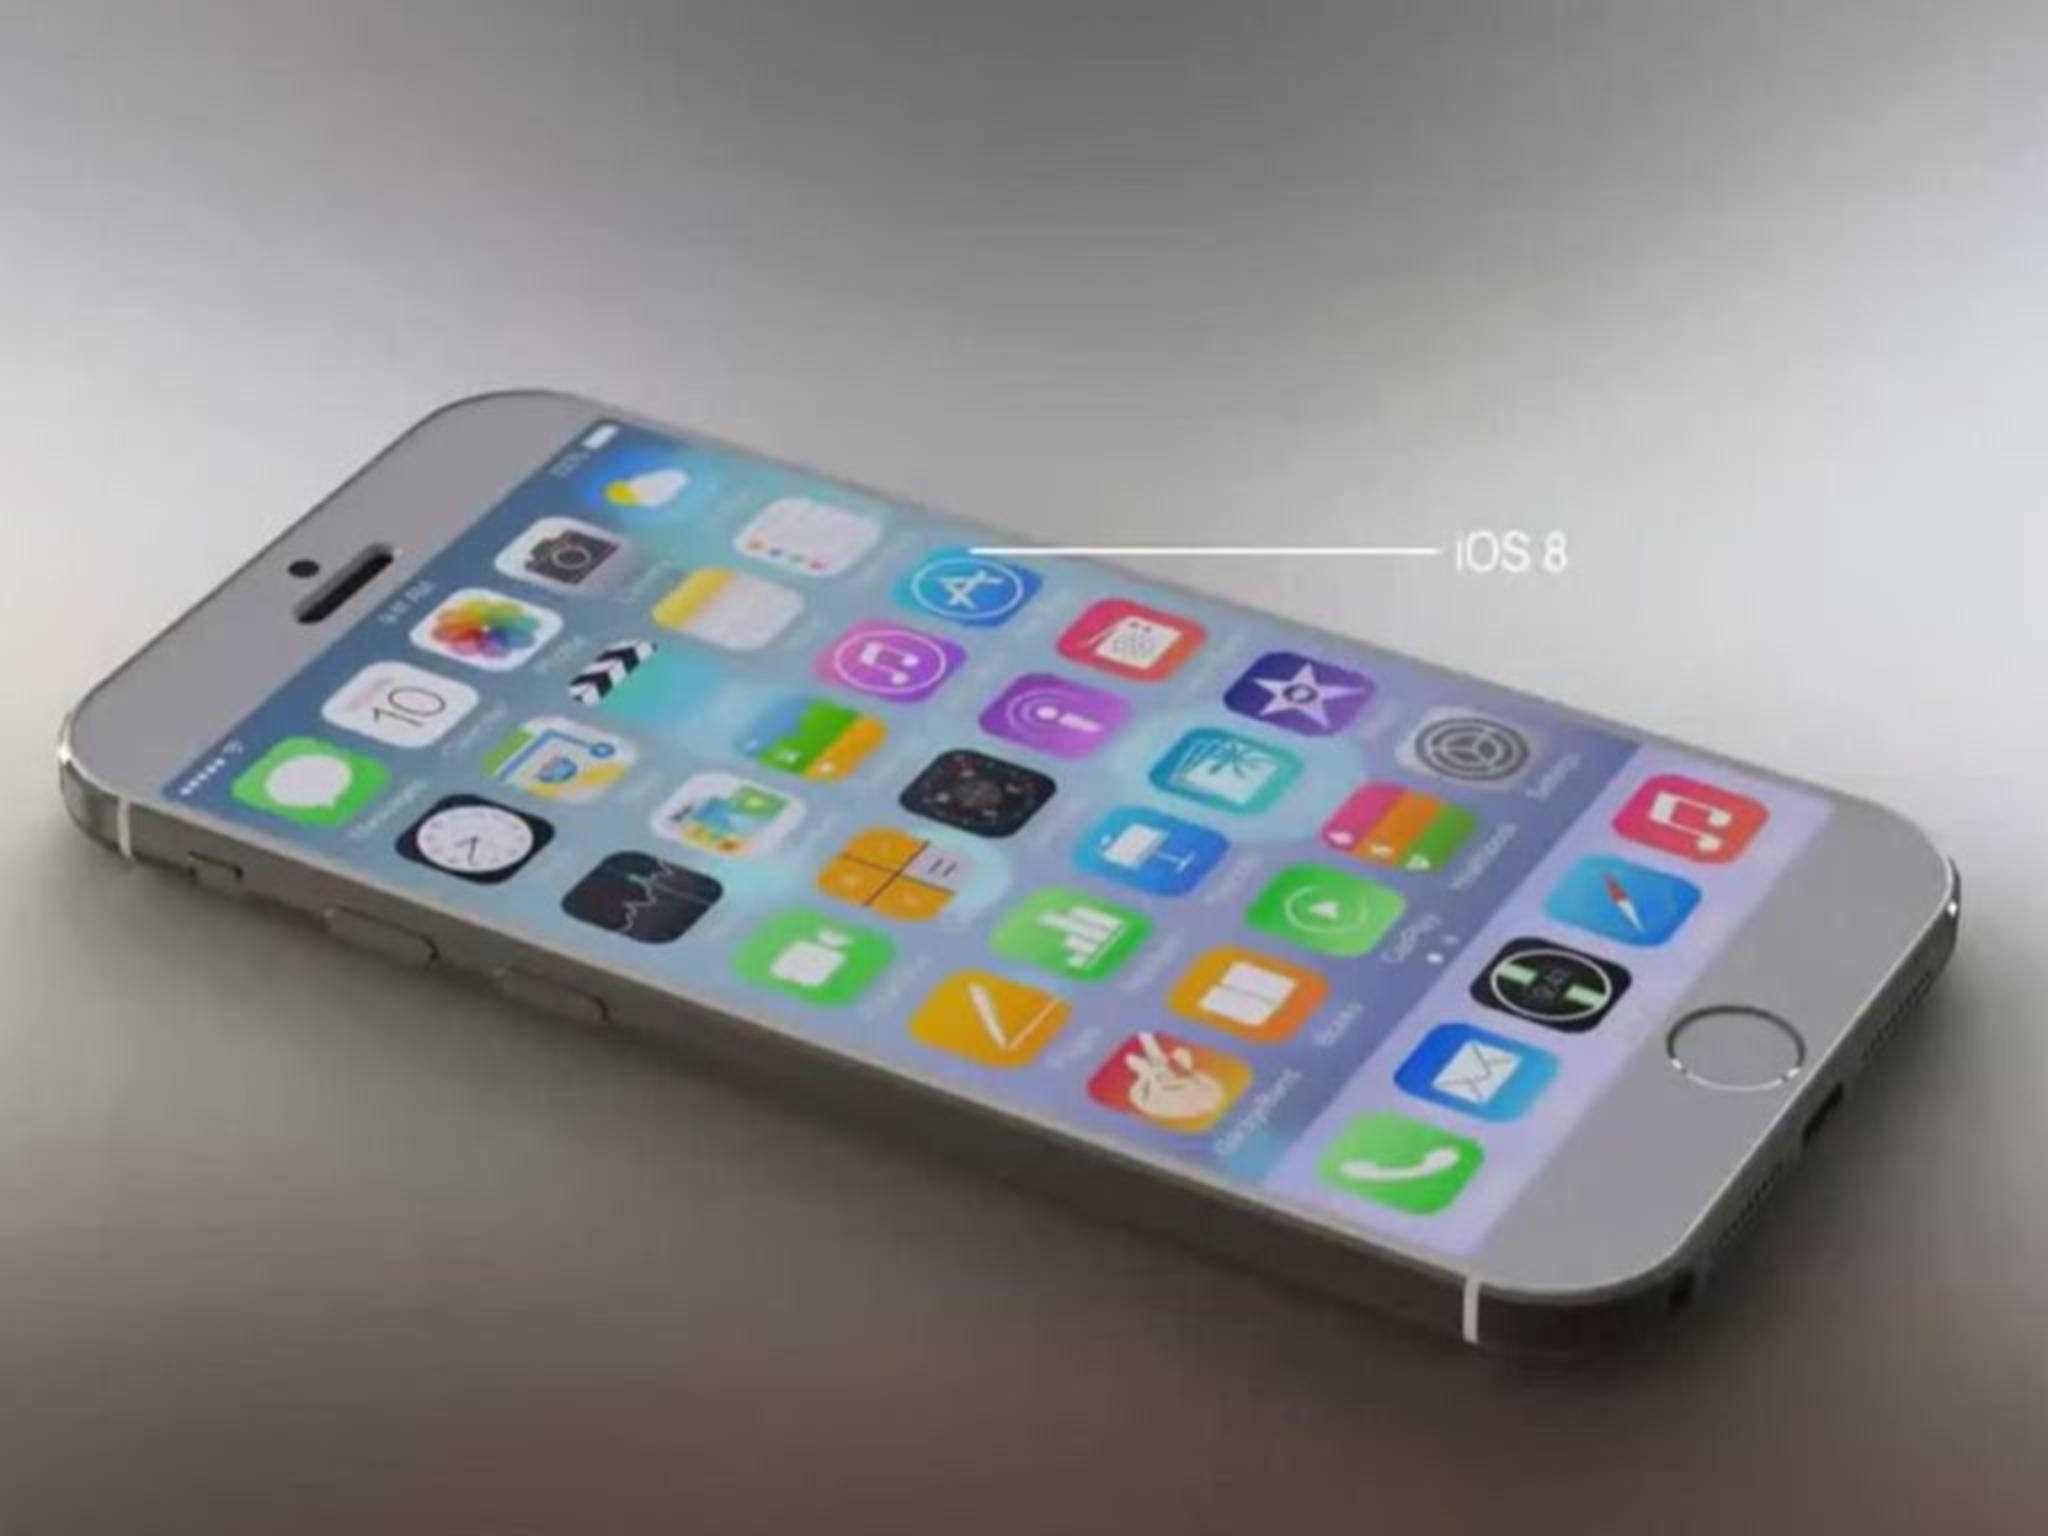 Offizielles Design? Nein, das ist natürlich nur eine Konzeptzeichnung des iPhone 6s.